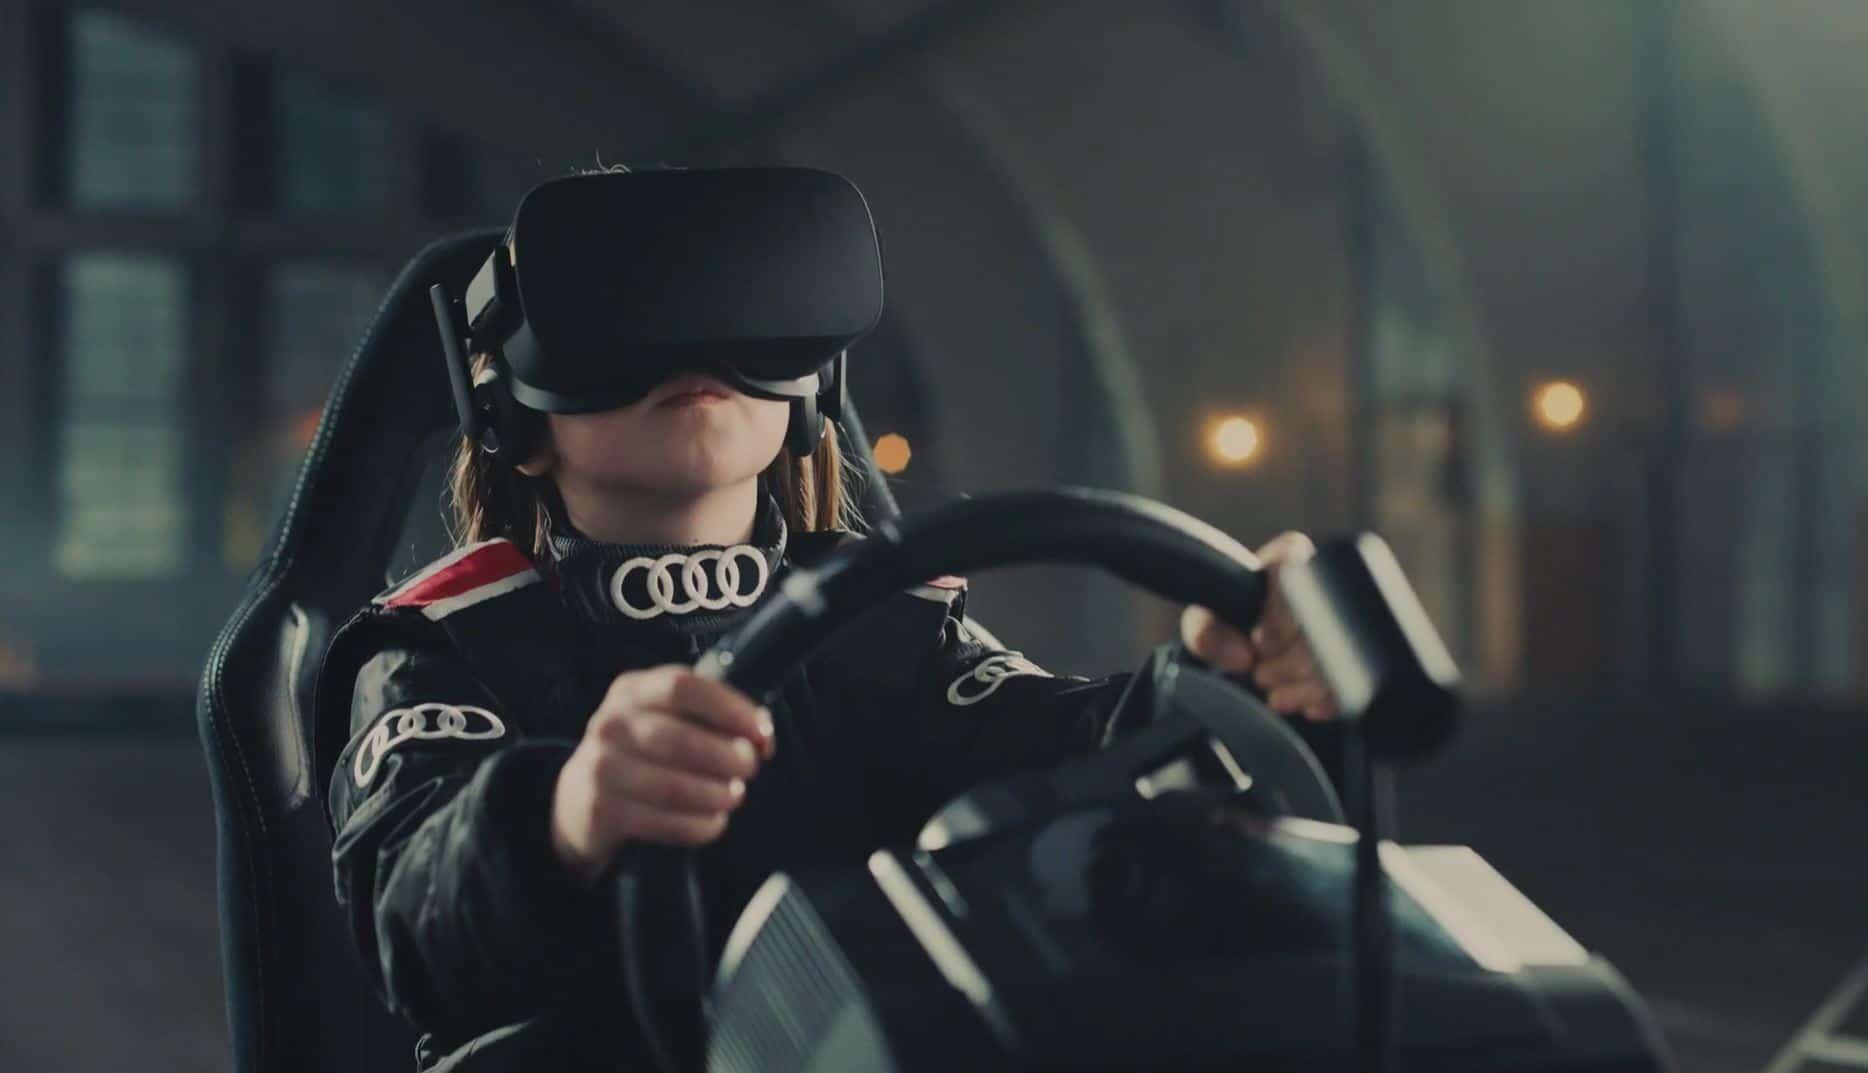 Audi Sandbox: Fahrt mit einem Audi Q5 virtuell durch eine echte Sandkiste